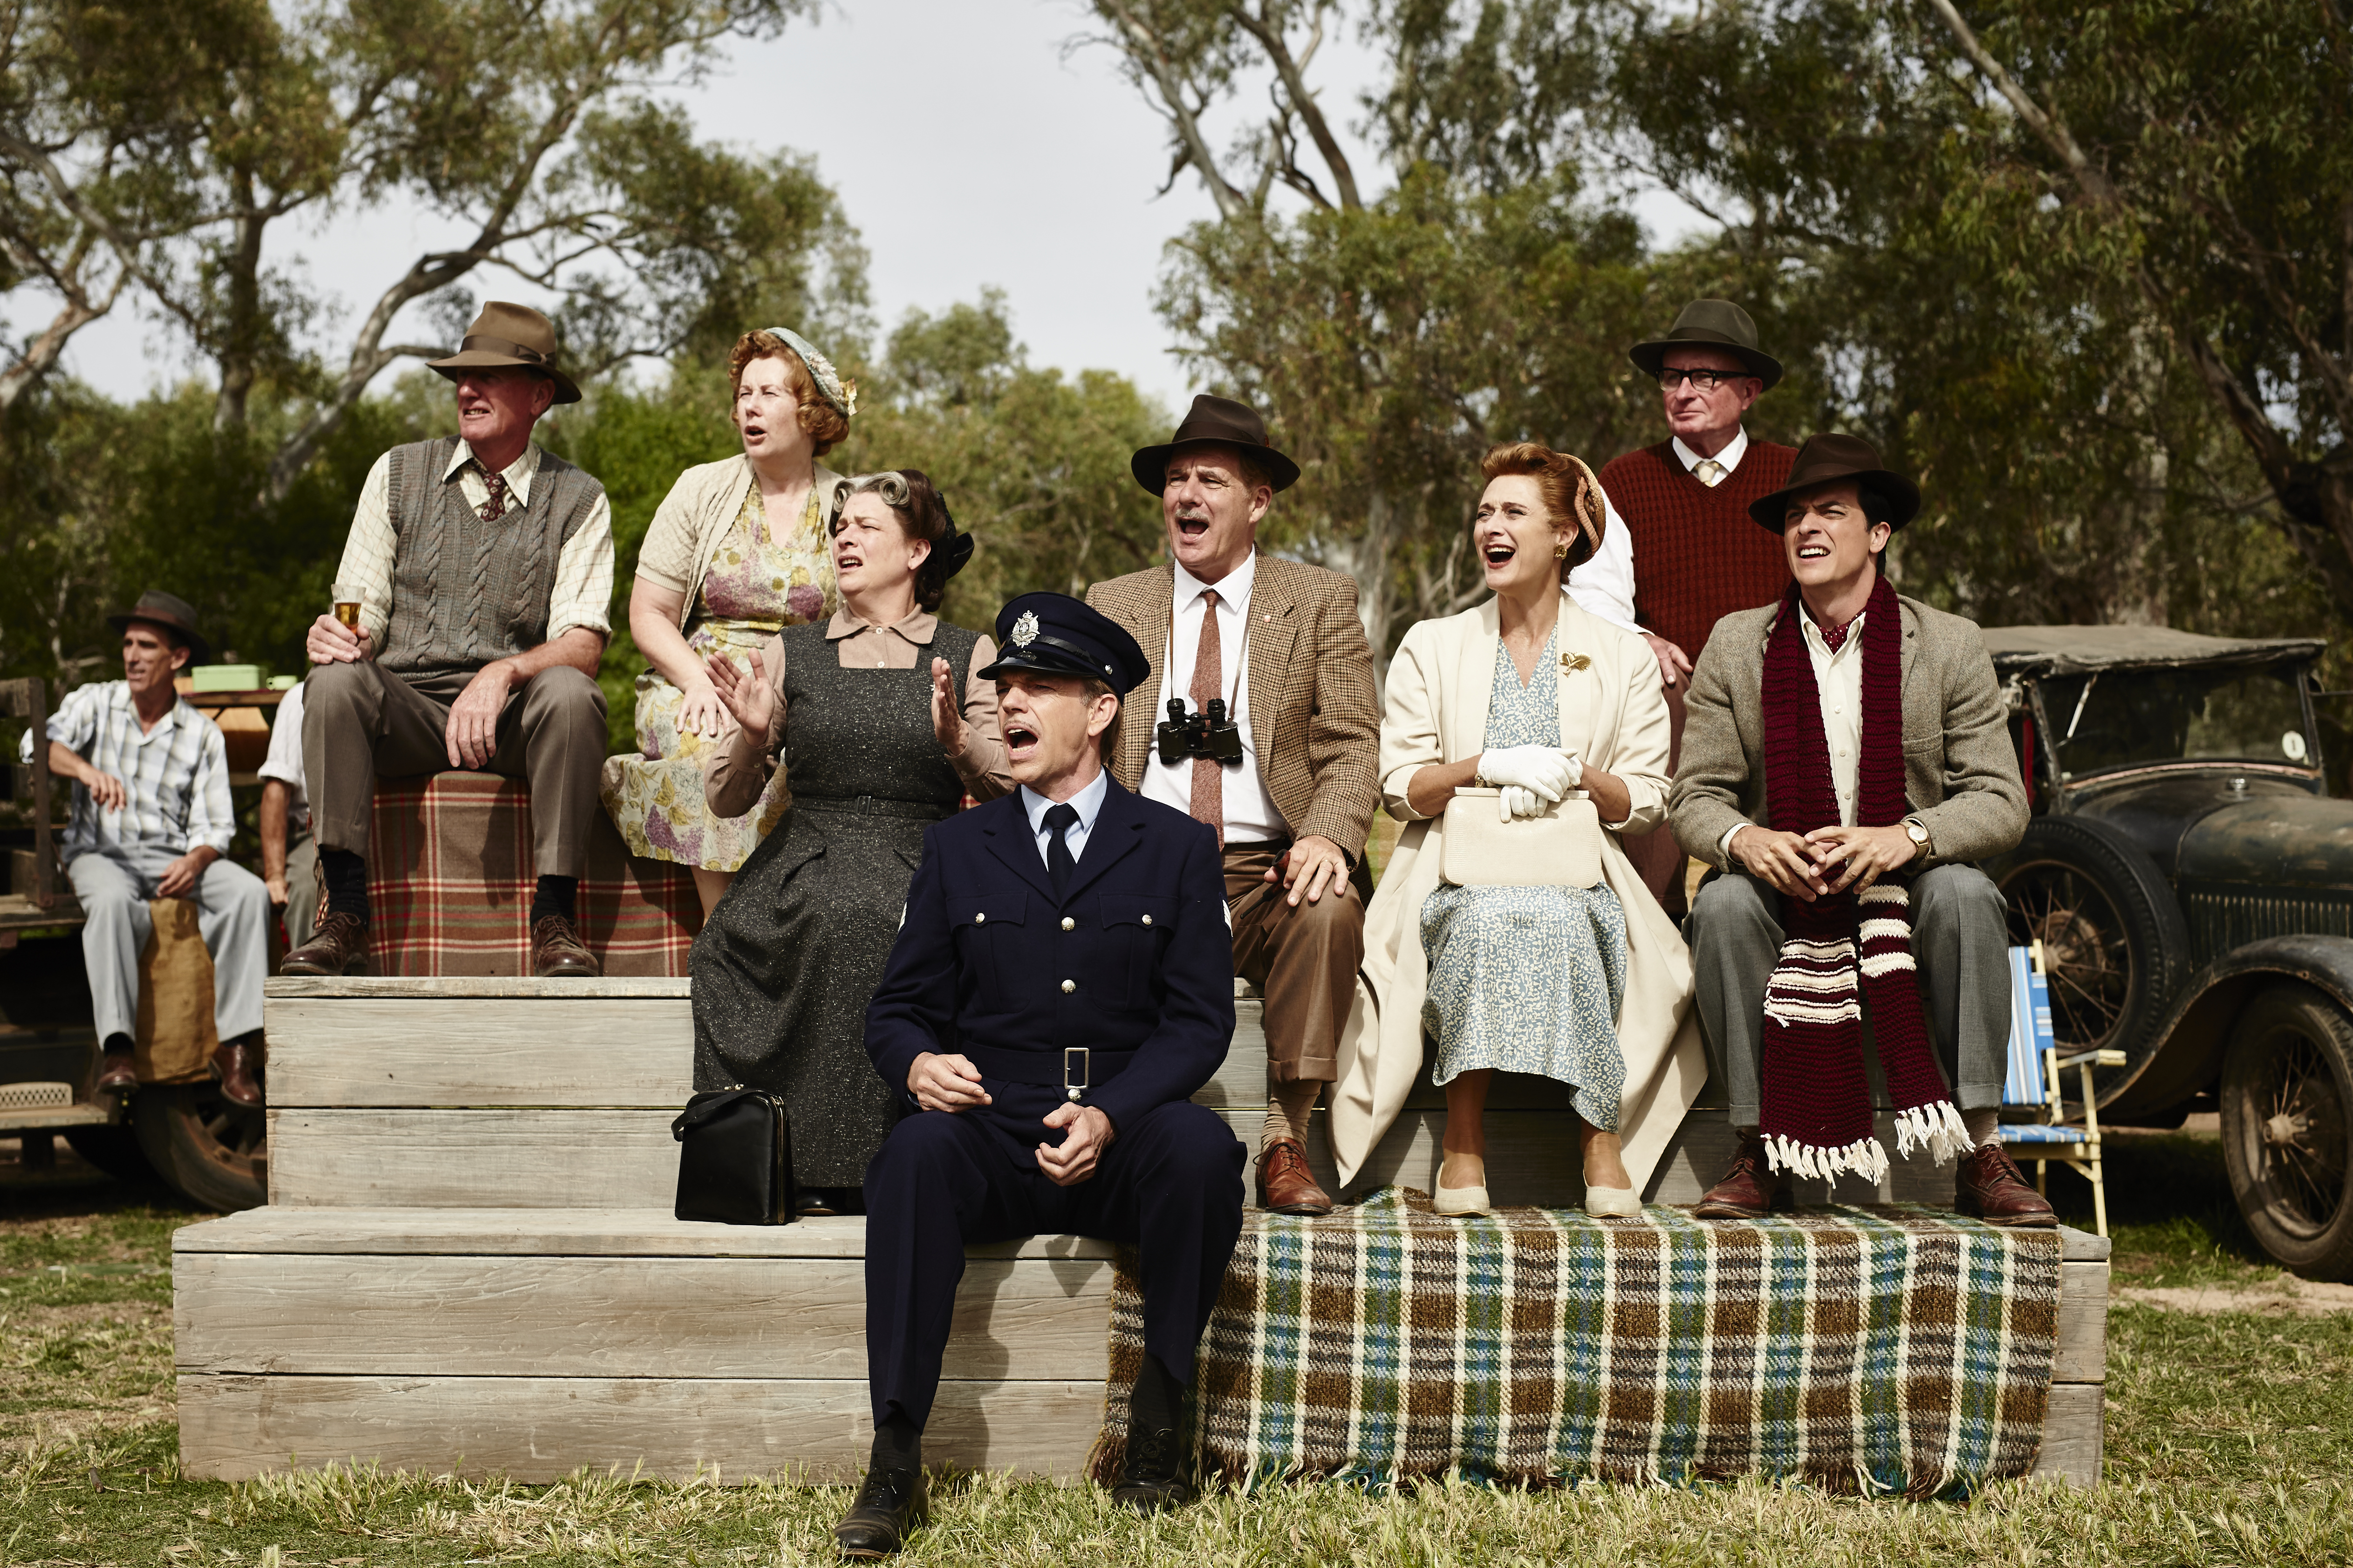 Shane Bourne, Caroline Goodall, Hugo Weaving, Alison Whyte, and James Mackay in The Dressmaker (2015)